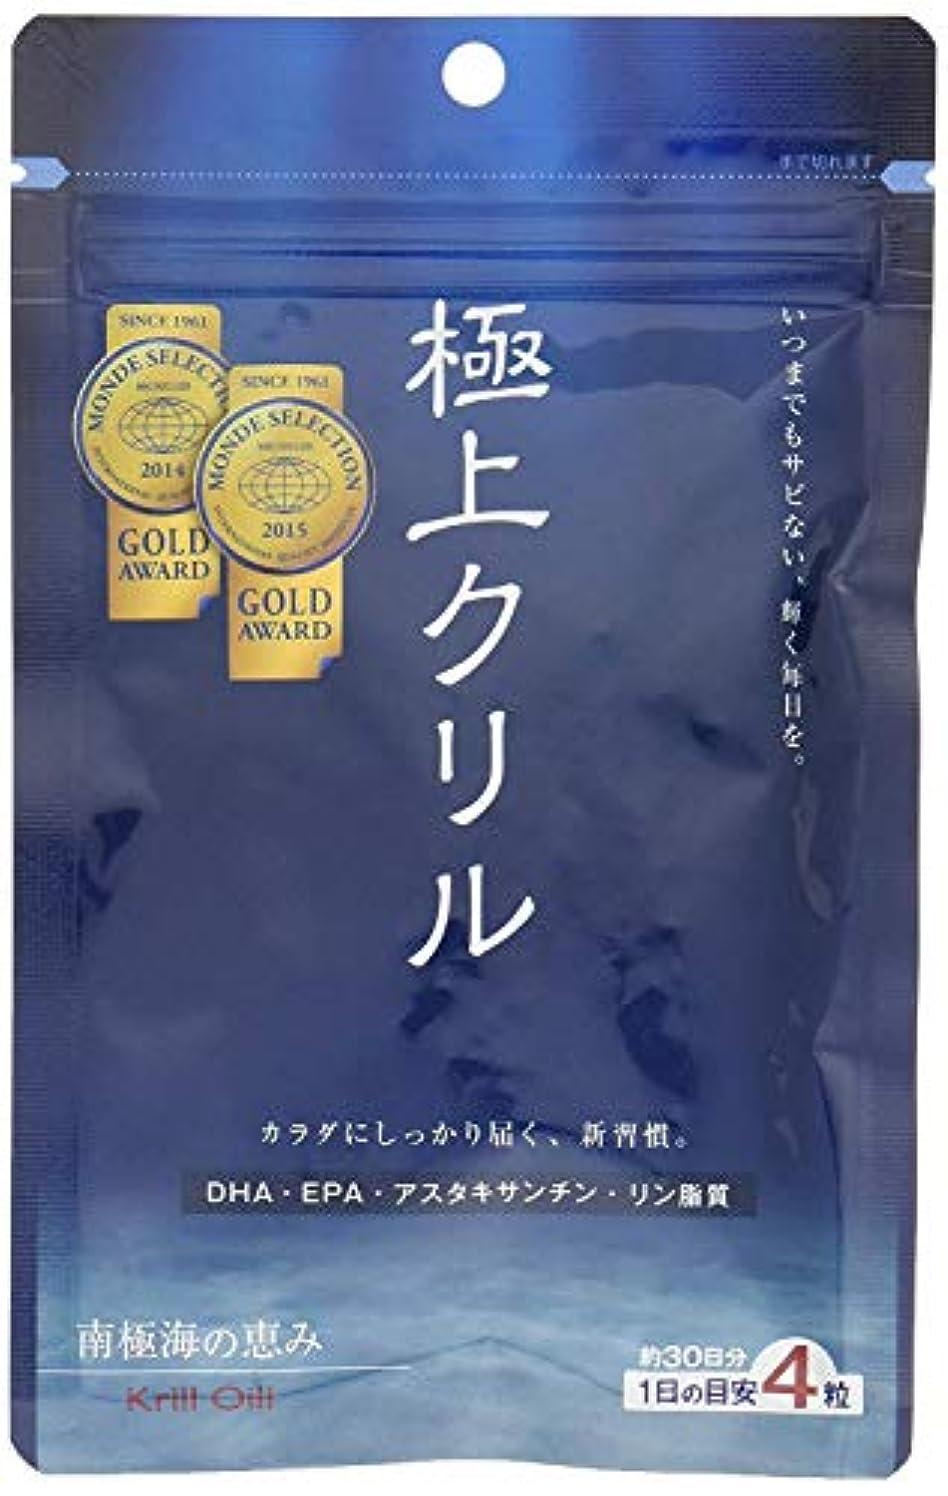 刑務所毎日悲しみ極上クリル120粒 100%クリルオイル (約1ヶ月分) 日本製×3袋セット